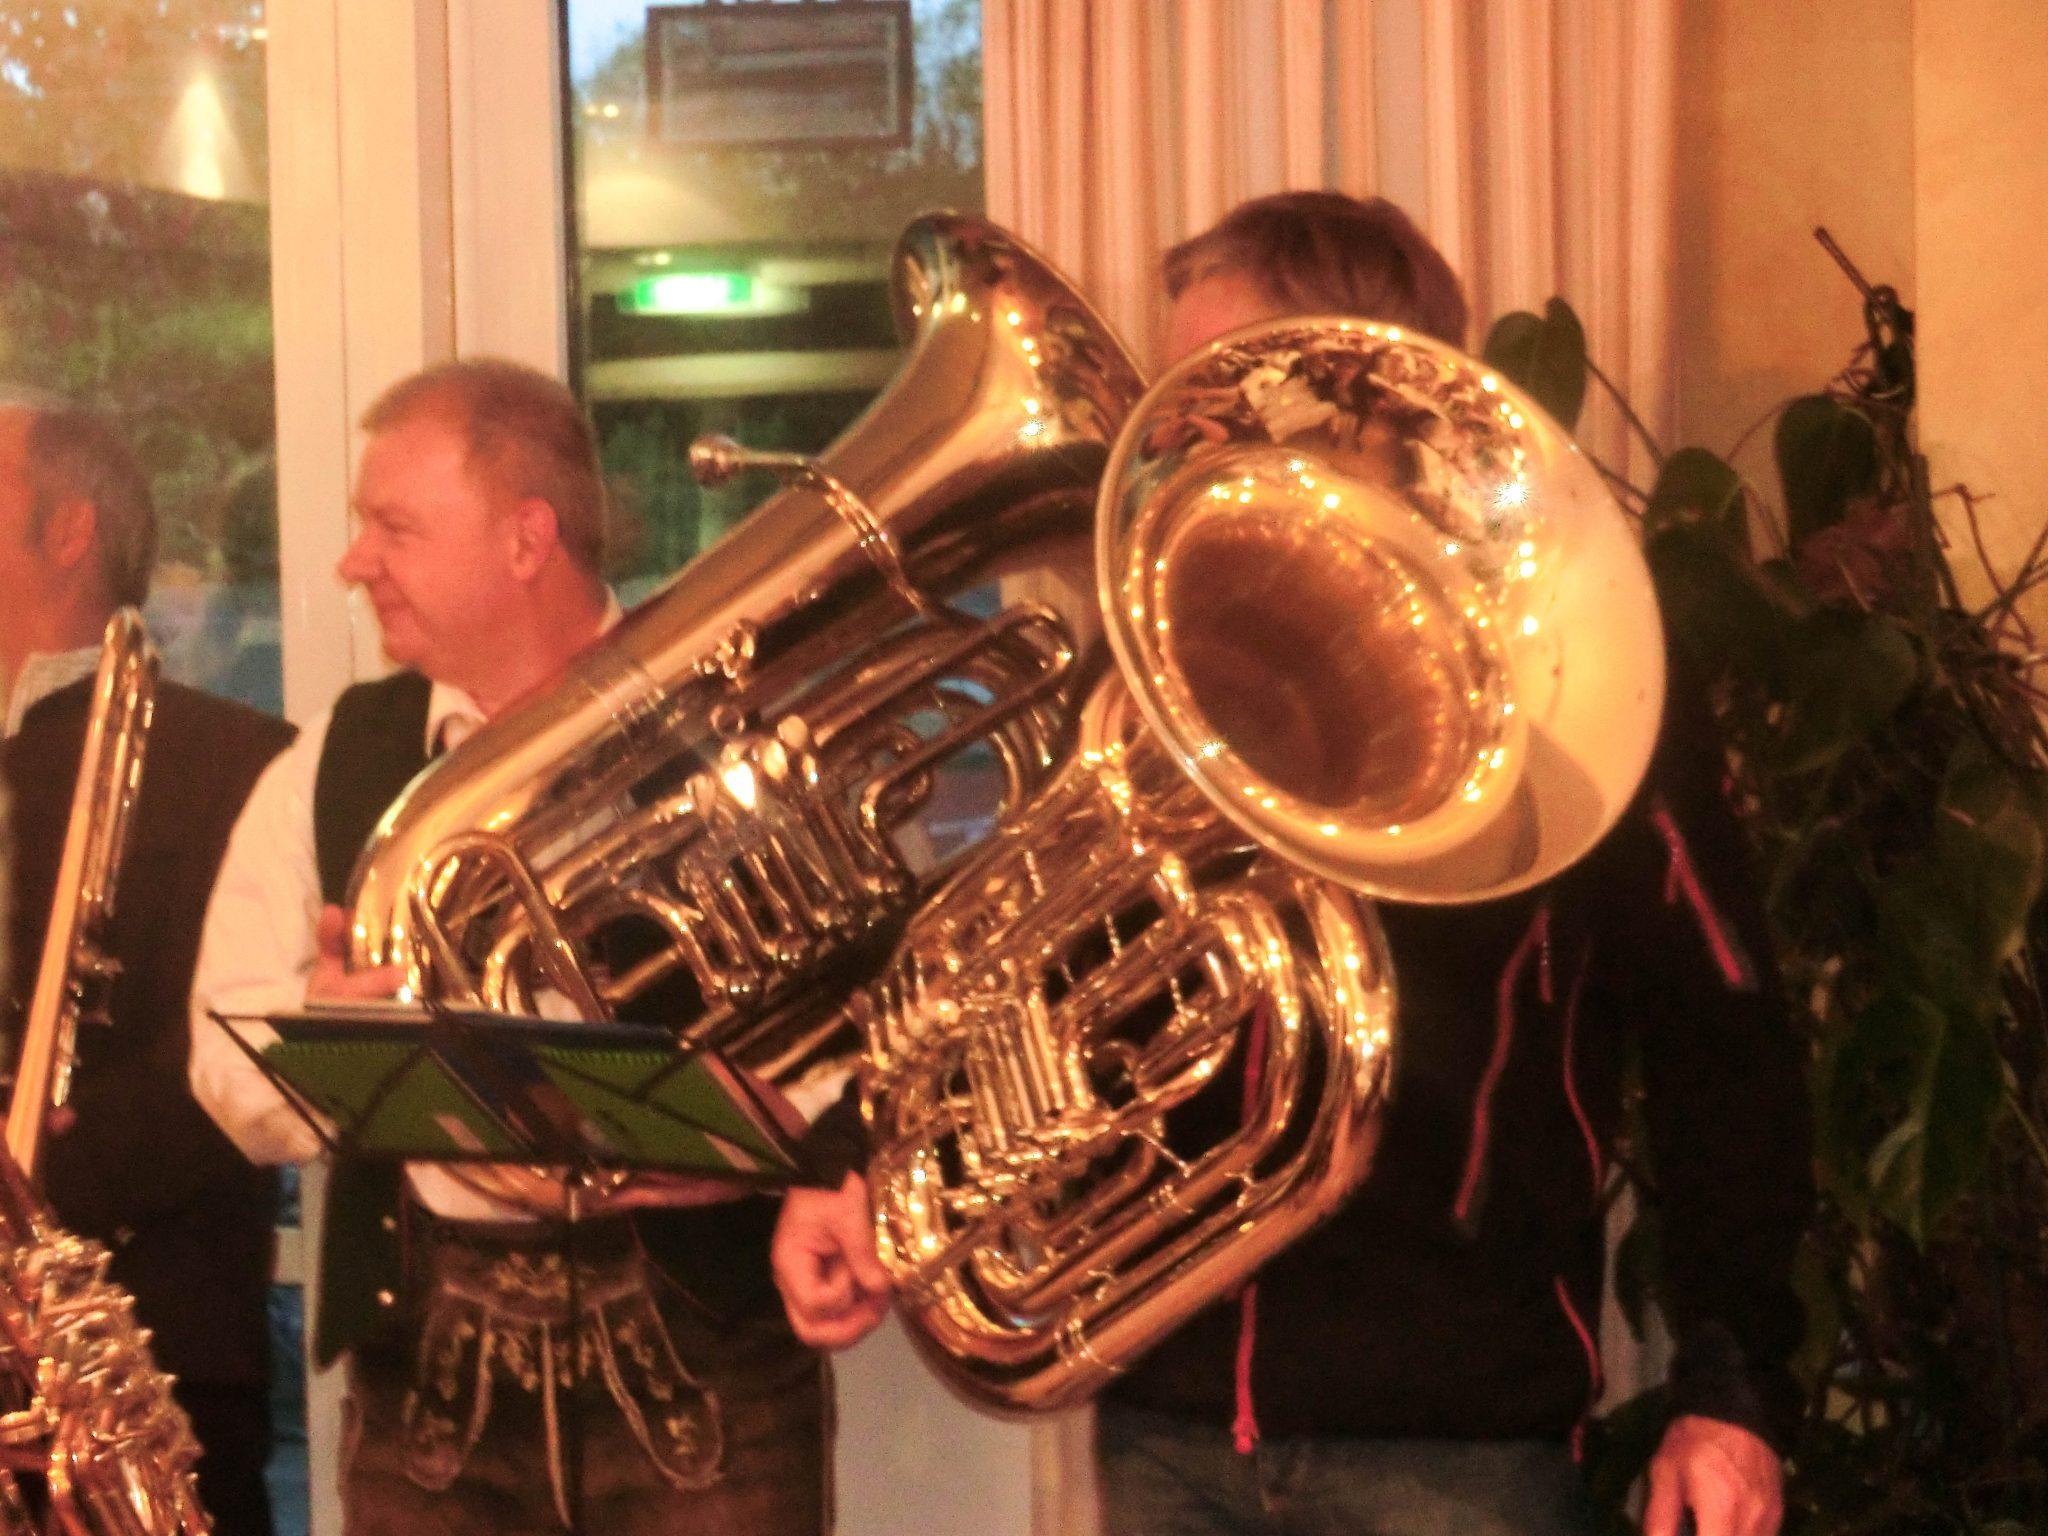 mit Pauken und Trompeten wurde die Geburtstagsfeier gestaltet